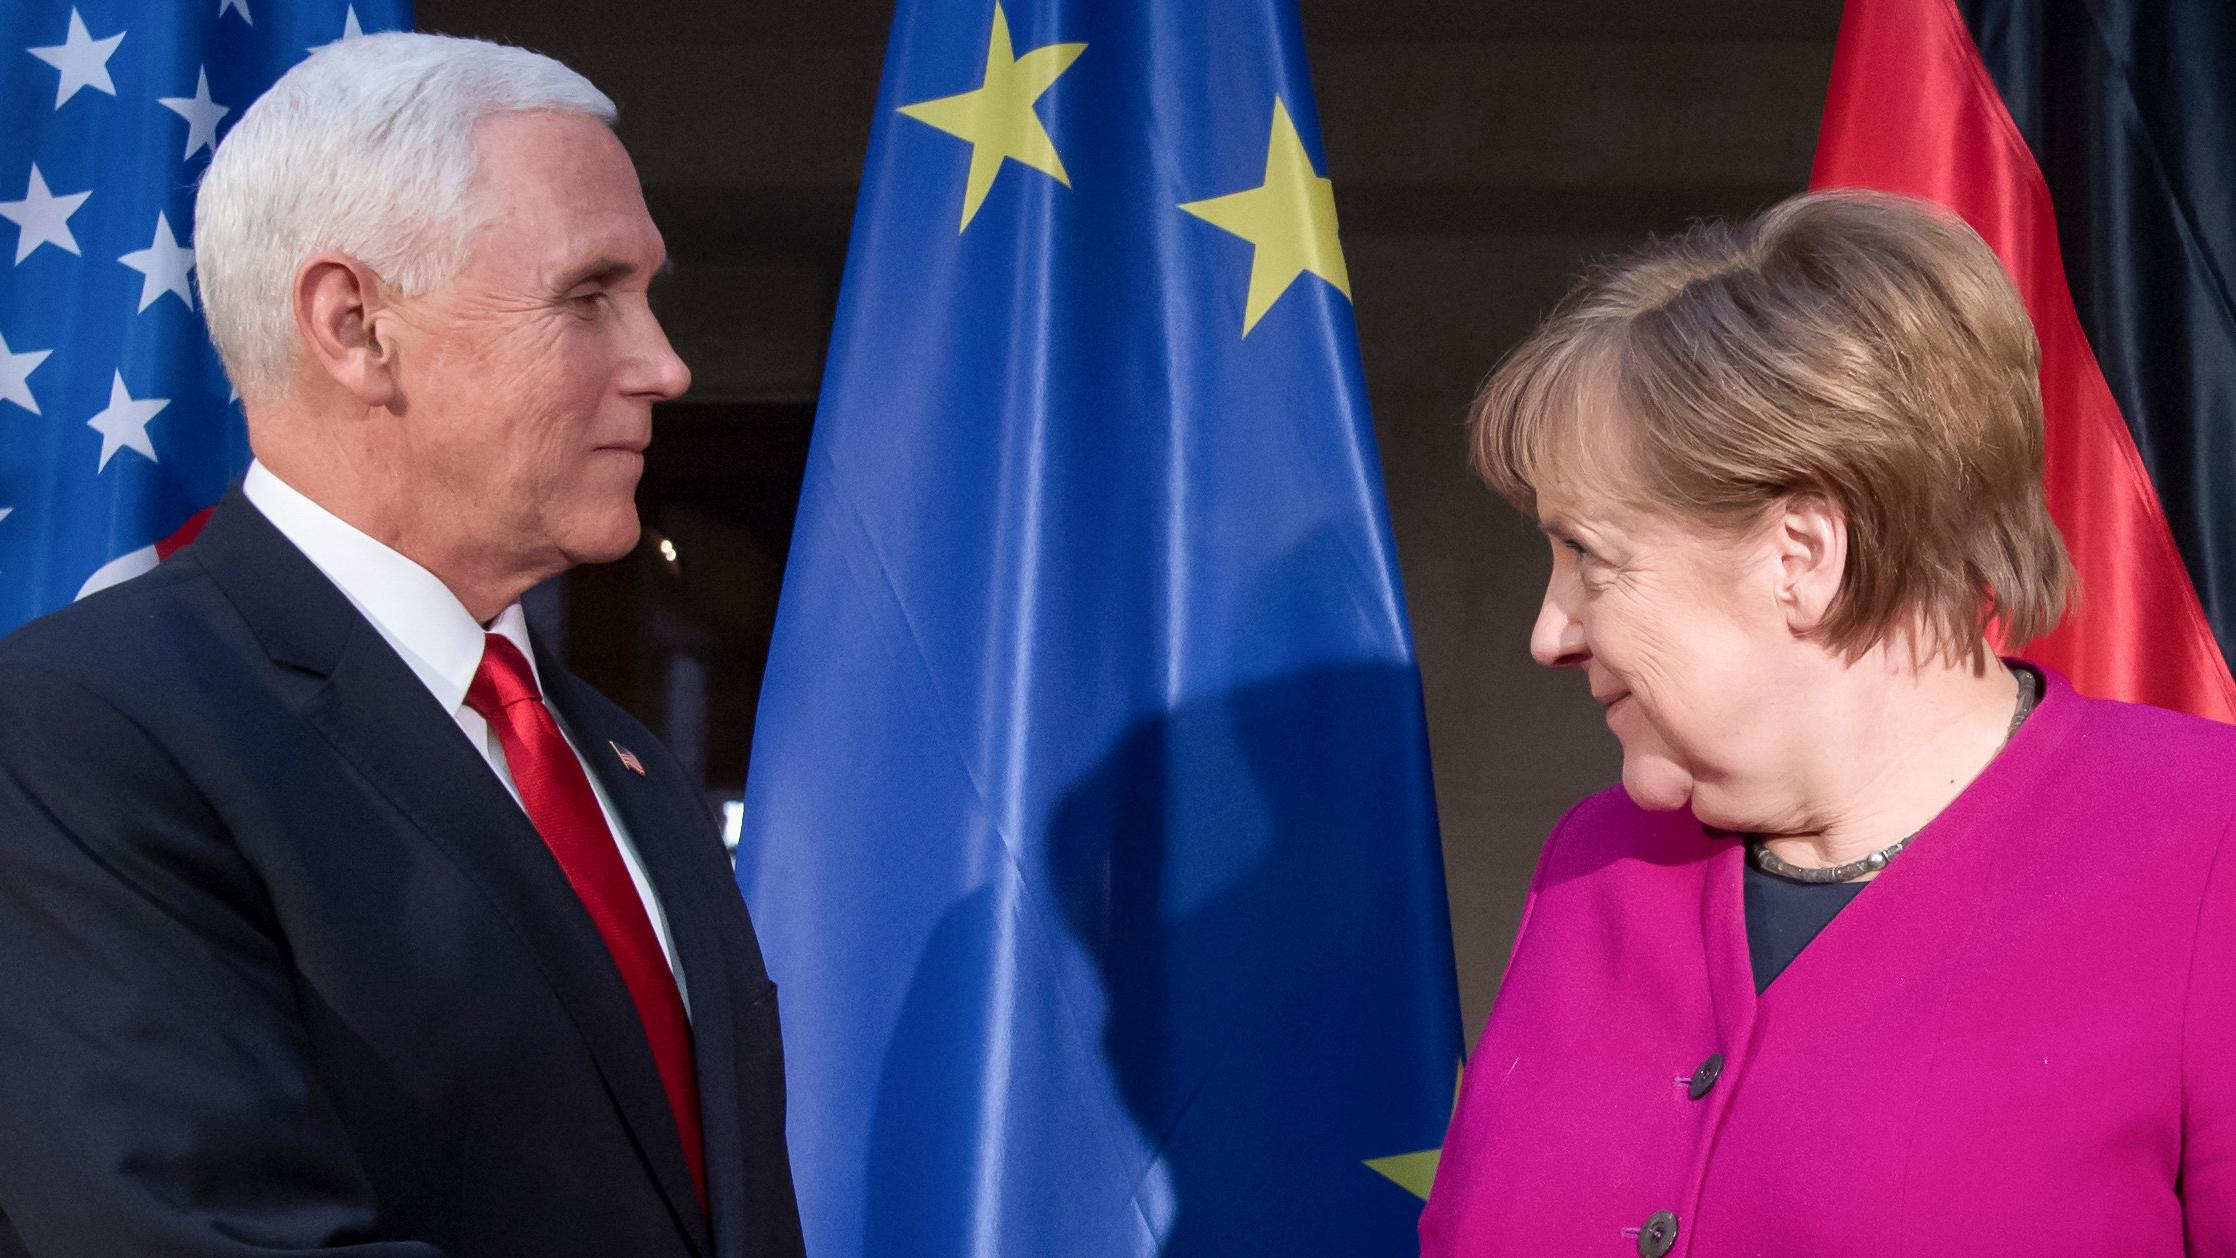 Bundeskanzlerin Angela Merkel (CDU) und Mike Pence, Vizepräsident der USA bei der Sicherheitskonferenz.